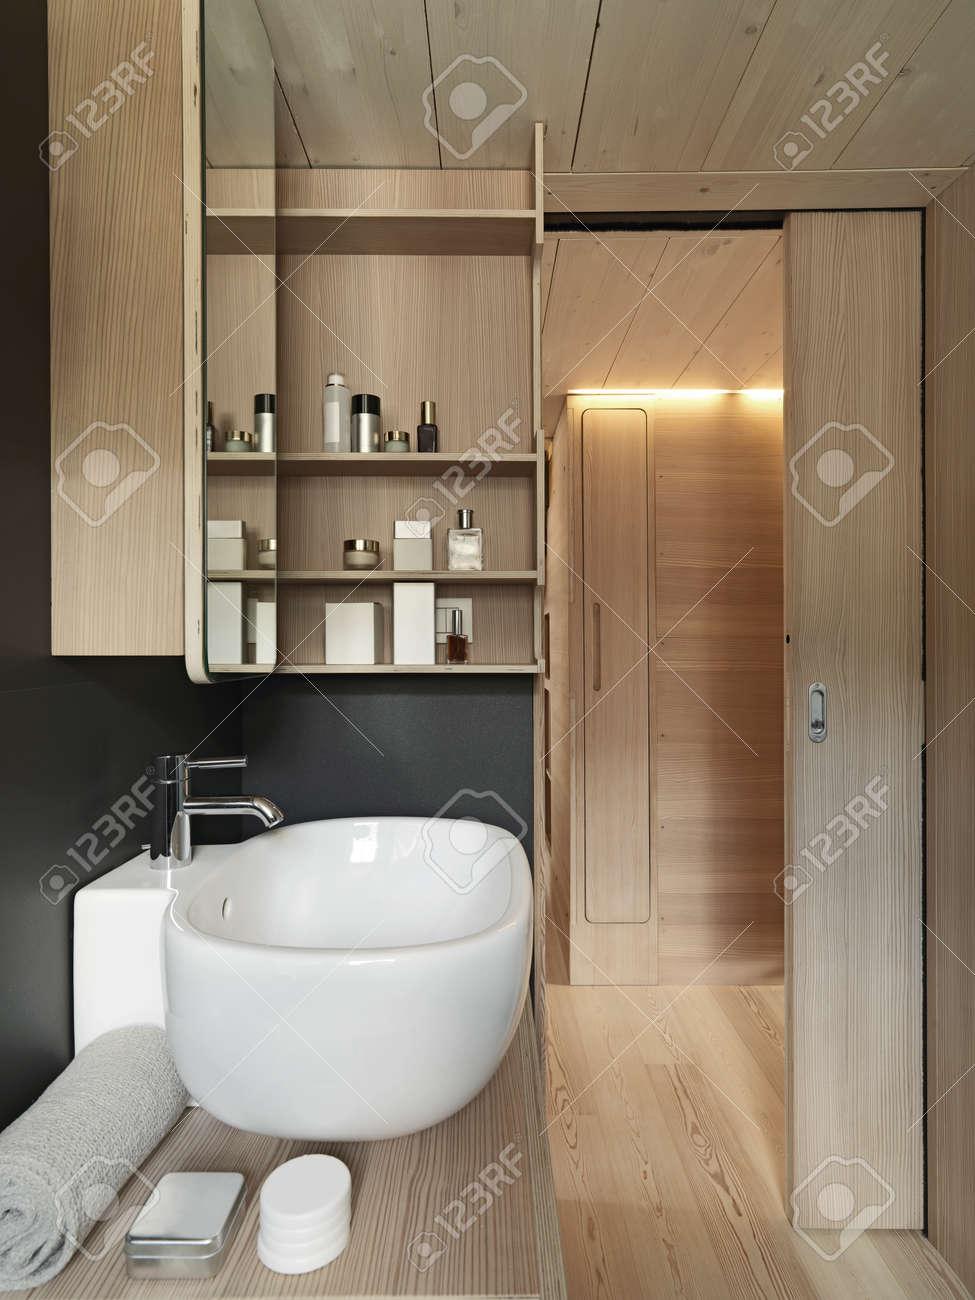 archivio fotografico stretta di lavabo in un bagno moderno con il legno porta scorrevole e pannelli di legno